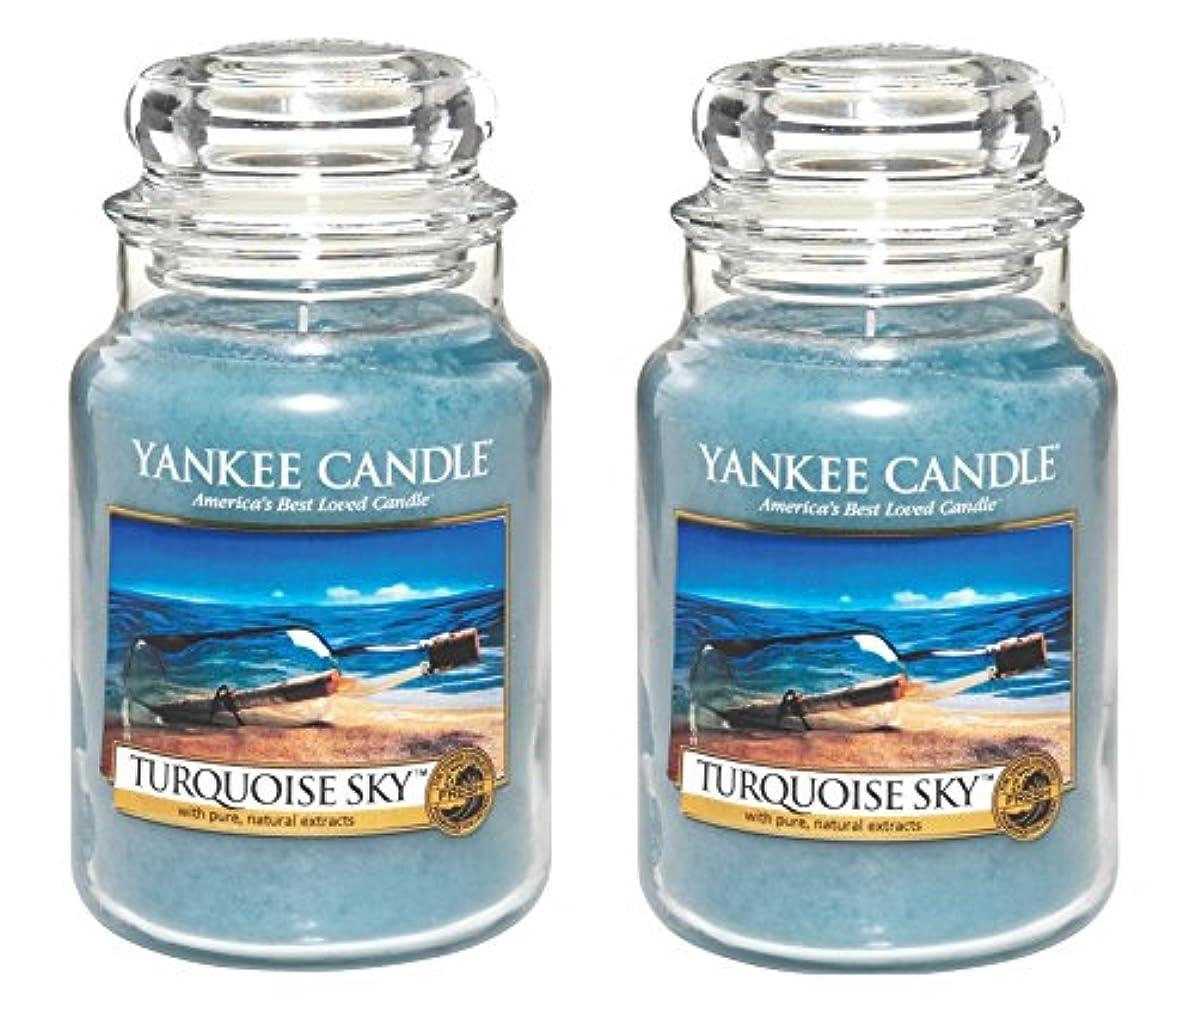 バッジ努力する着服Yankee CandleターコイズSky 22oz Jar Candle、Large 2パック